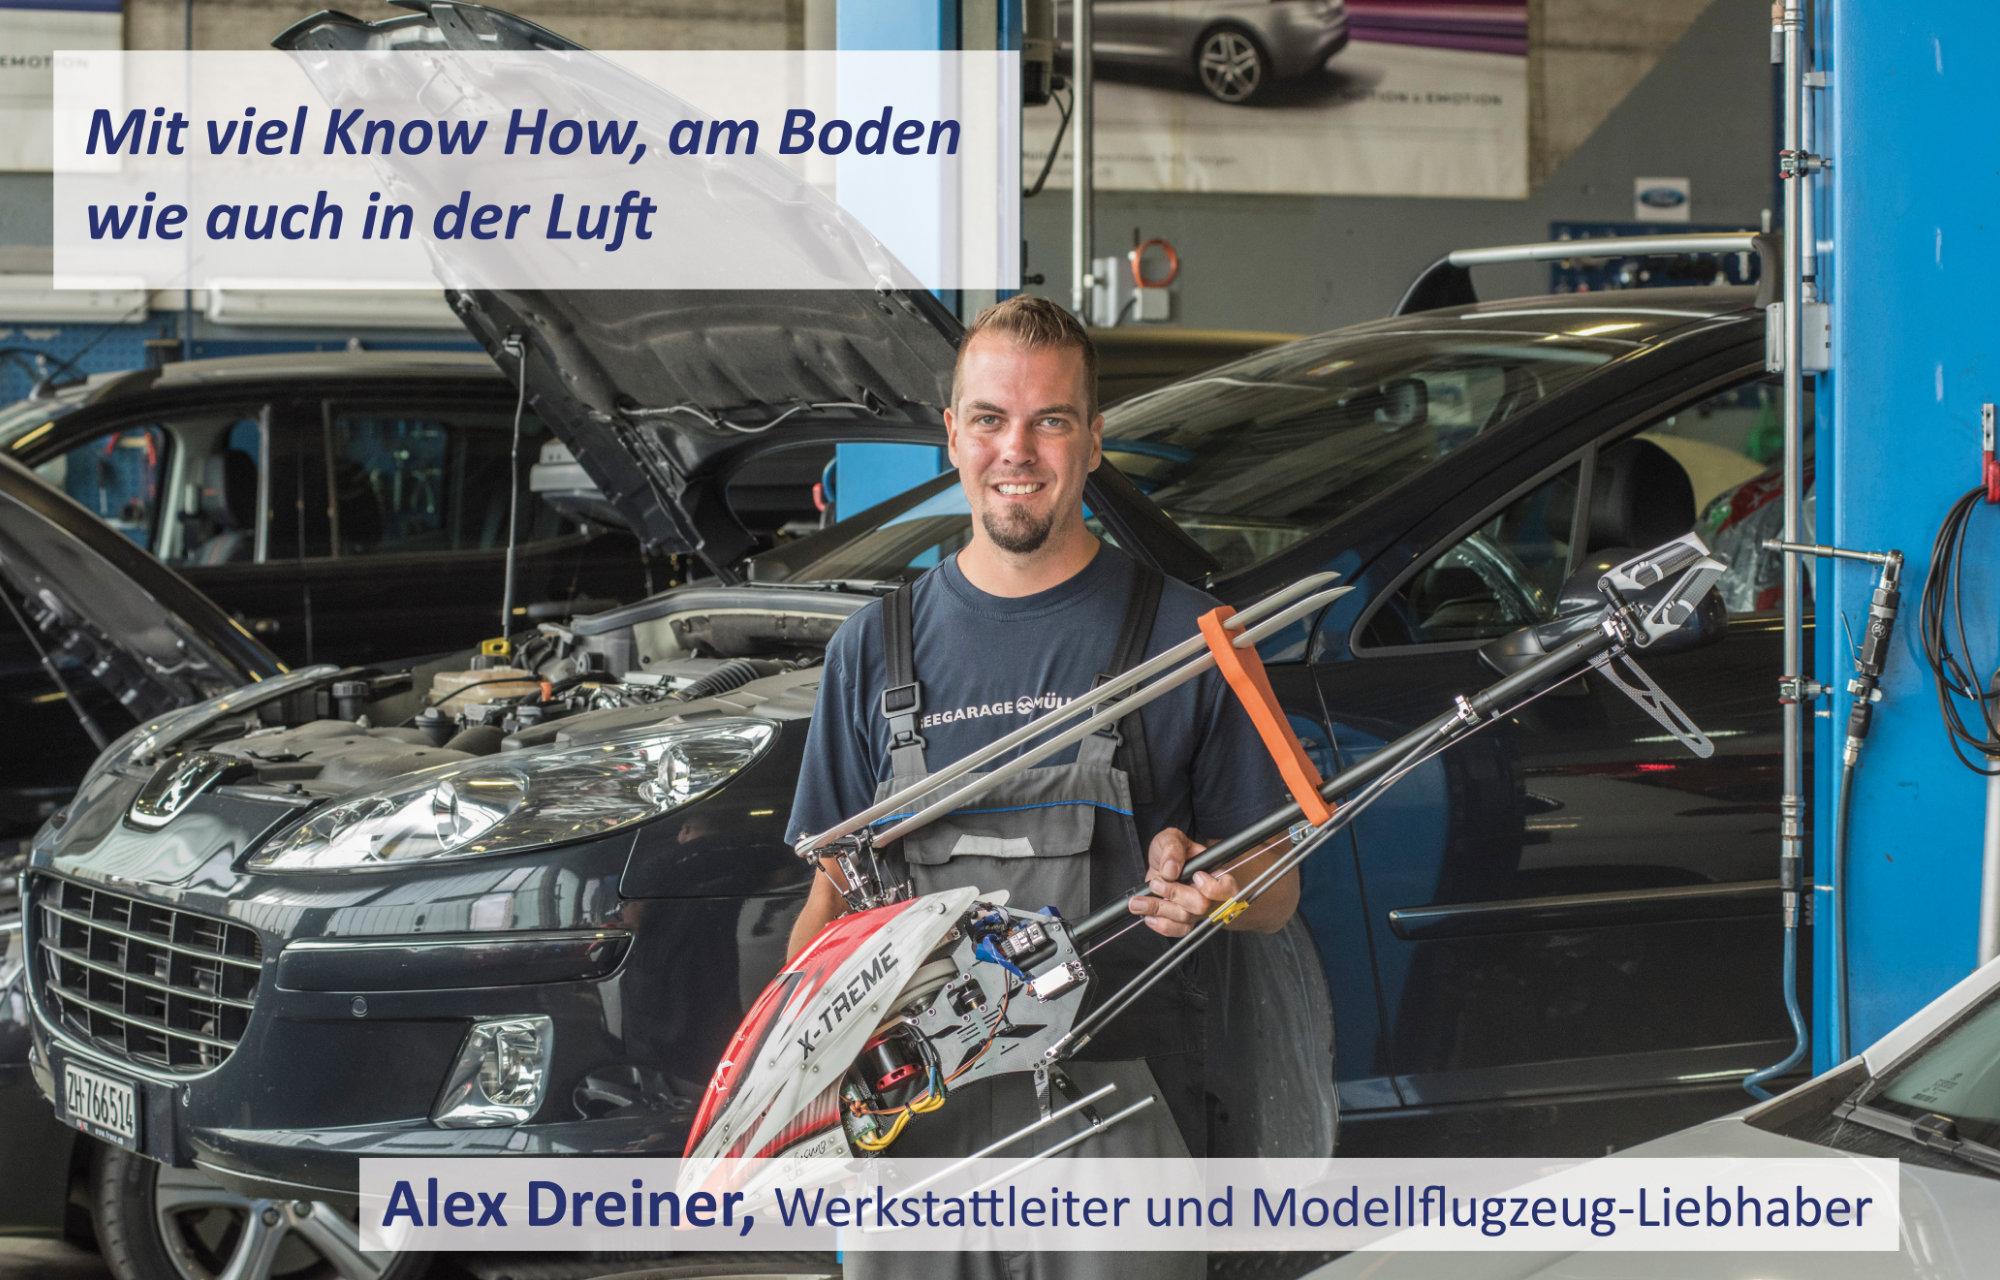 Alex Dreiner